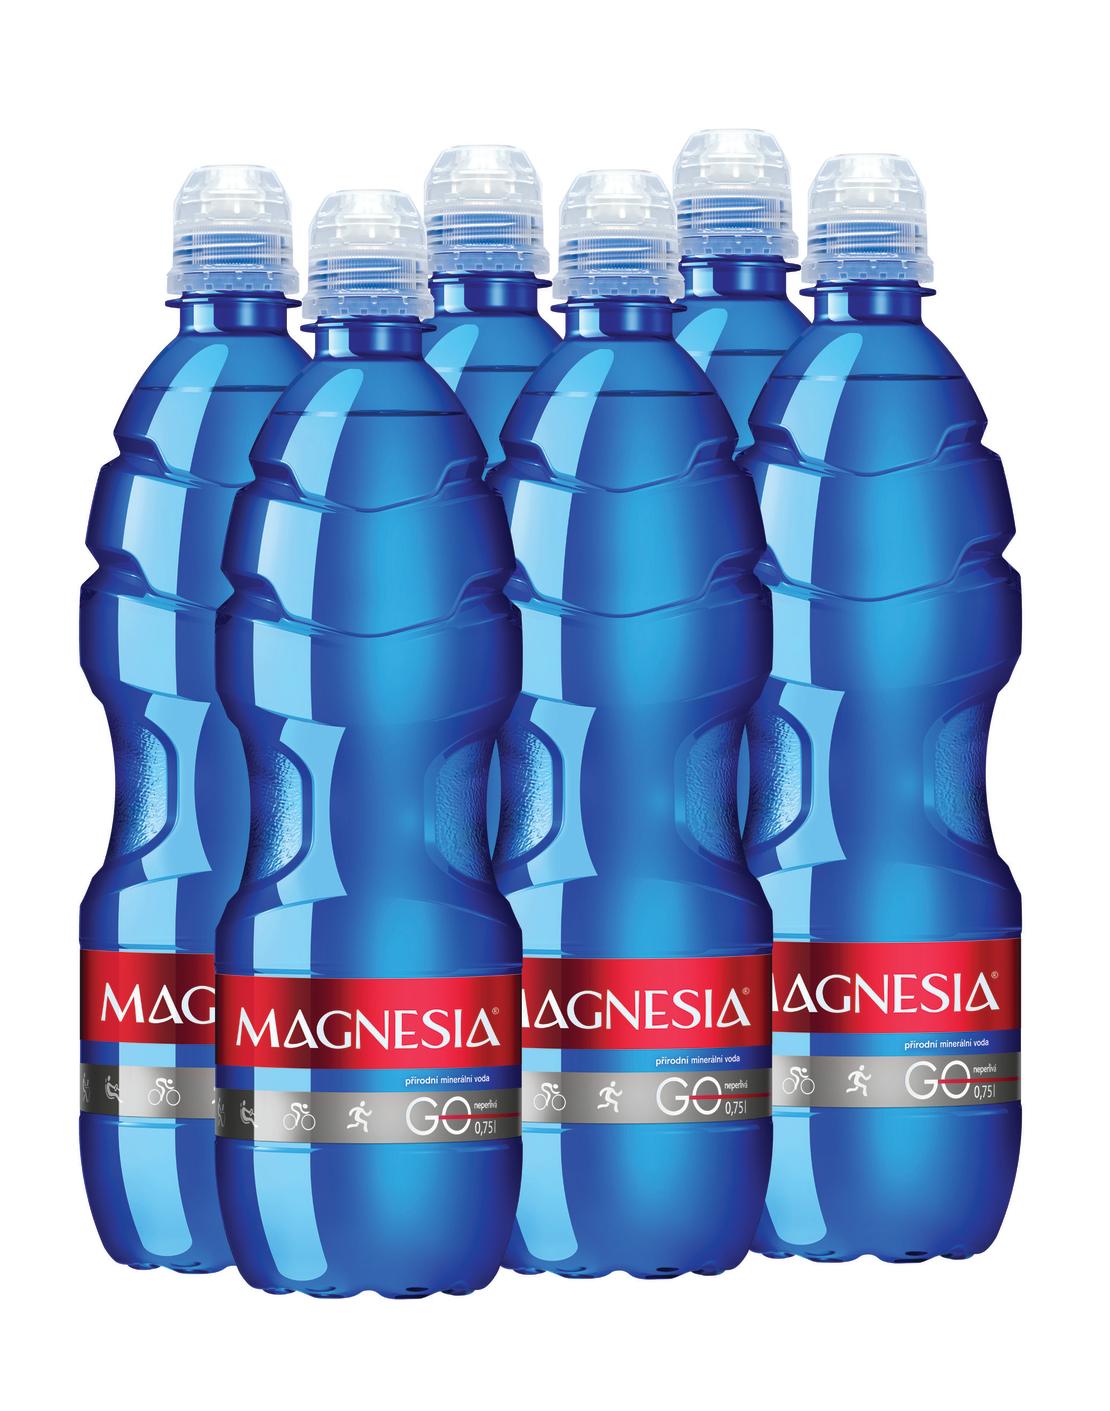 Magnesia Go - שישיית מי מגנזיה 750 מ